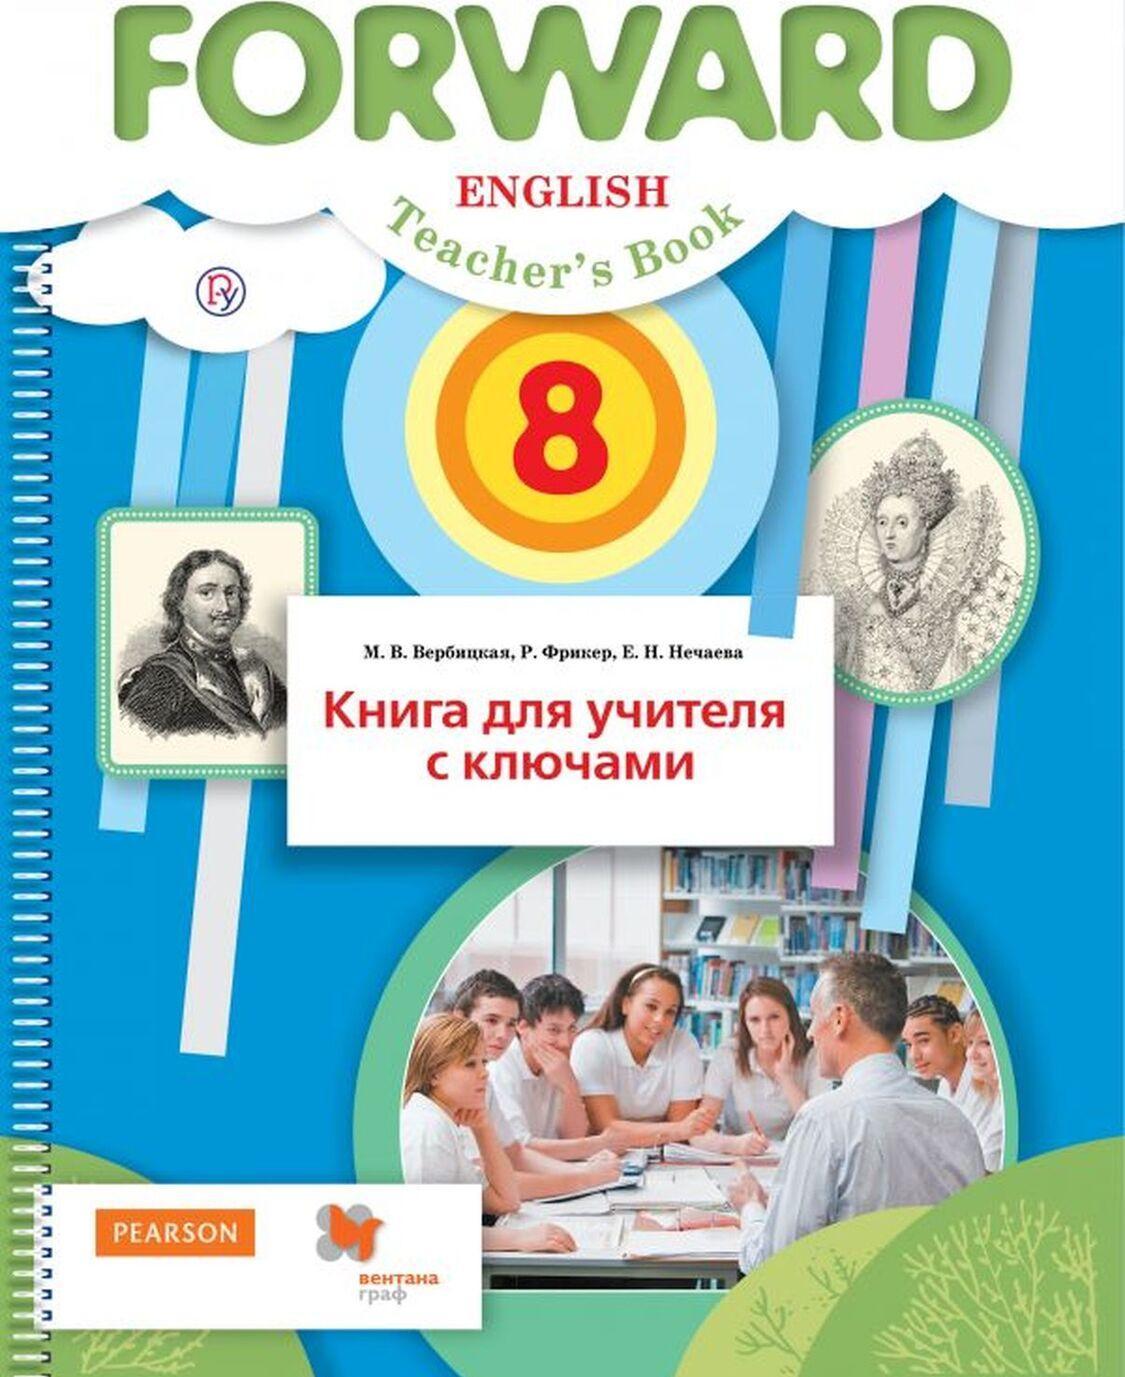 Anglijskij jazyk. 8 klass. Kniga dlja uchitelja s kljuchami